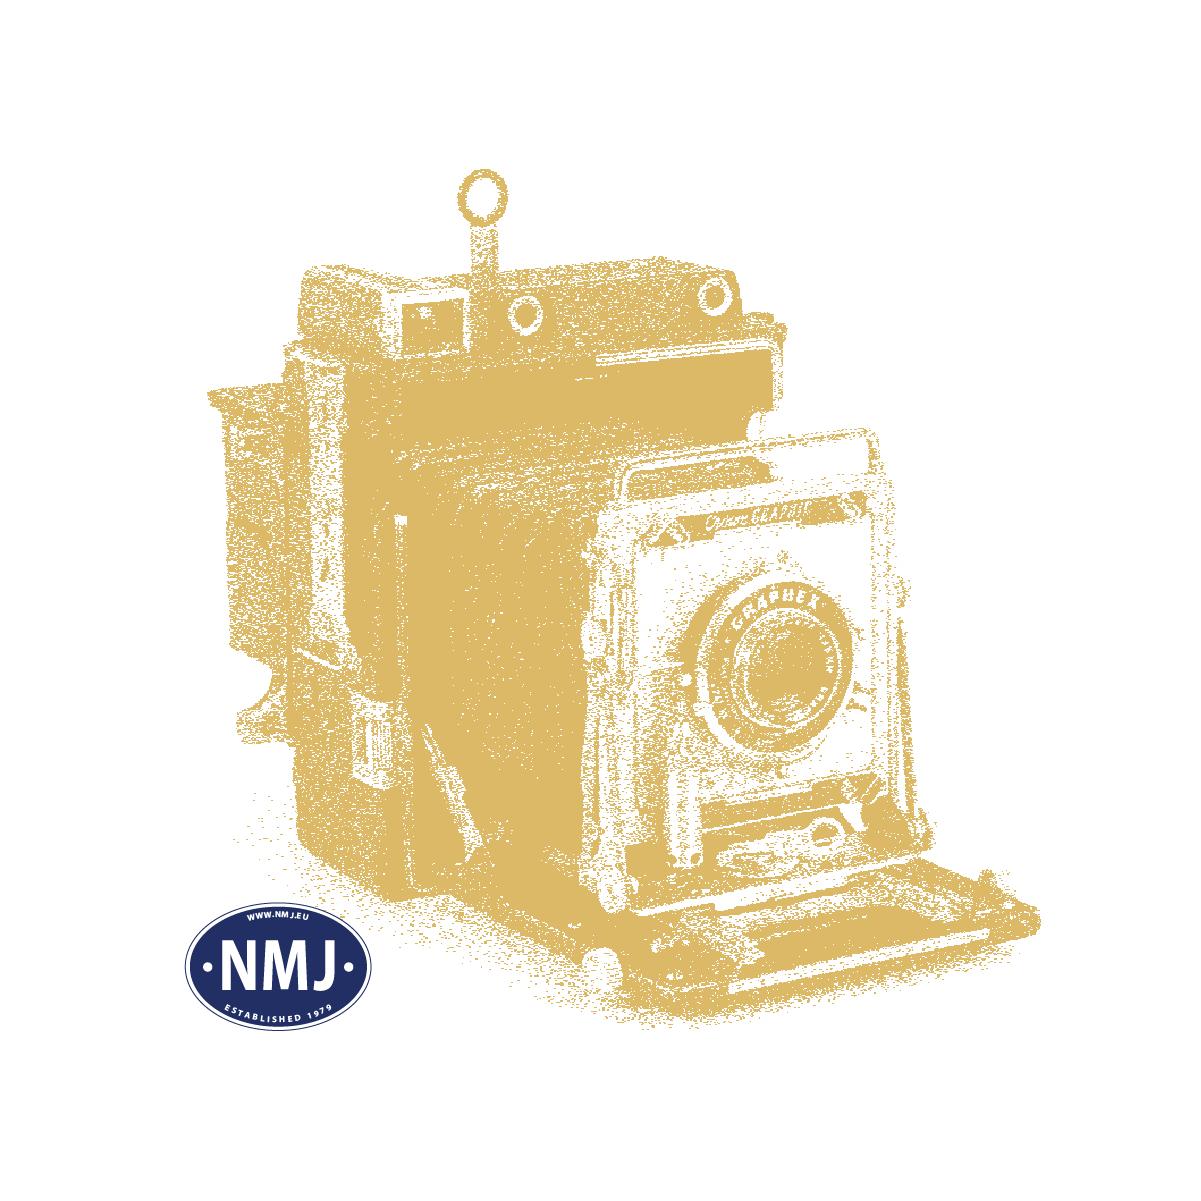 MWB-P605 - Grasbüschel, 6 mm, goldener Sommer, 15 x 21 cm,  für H0 - I